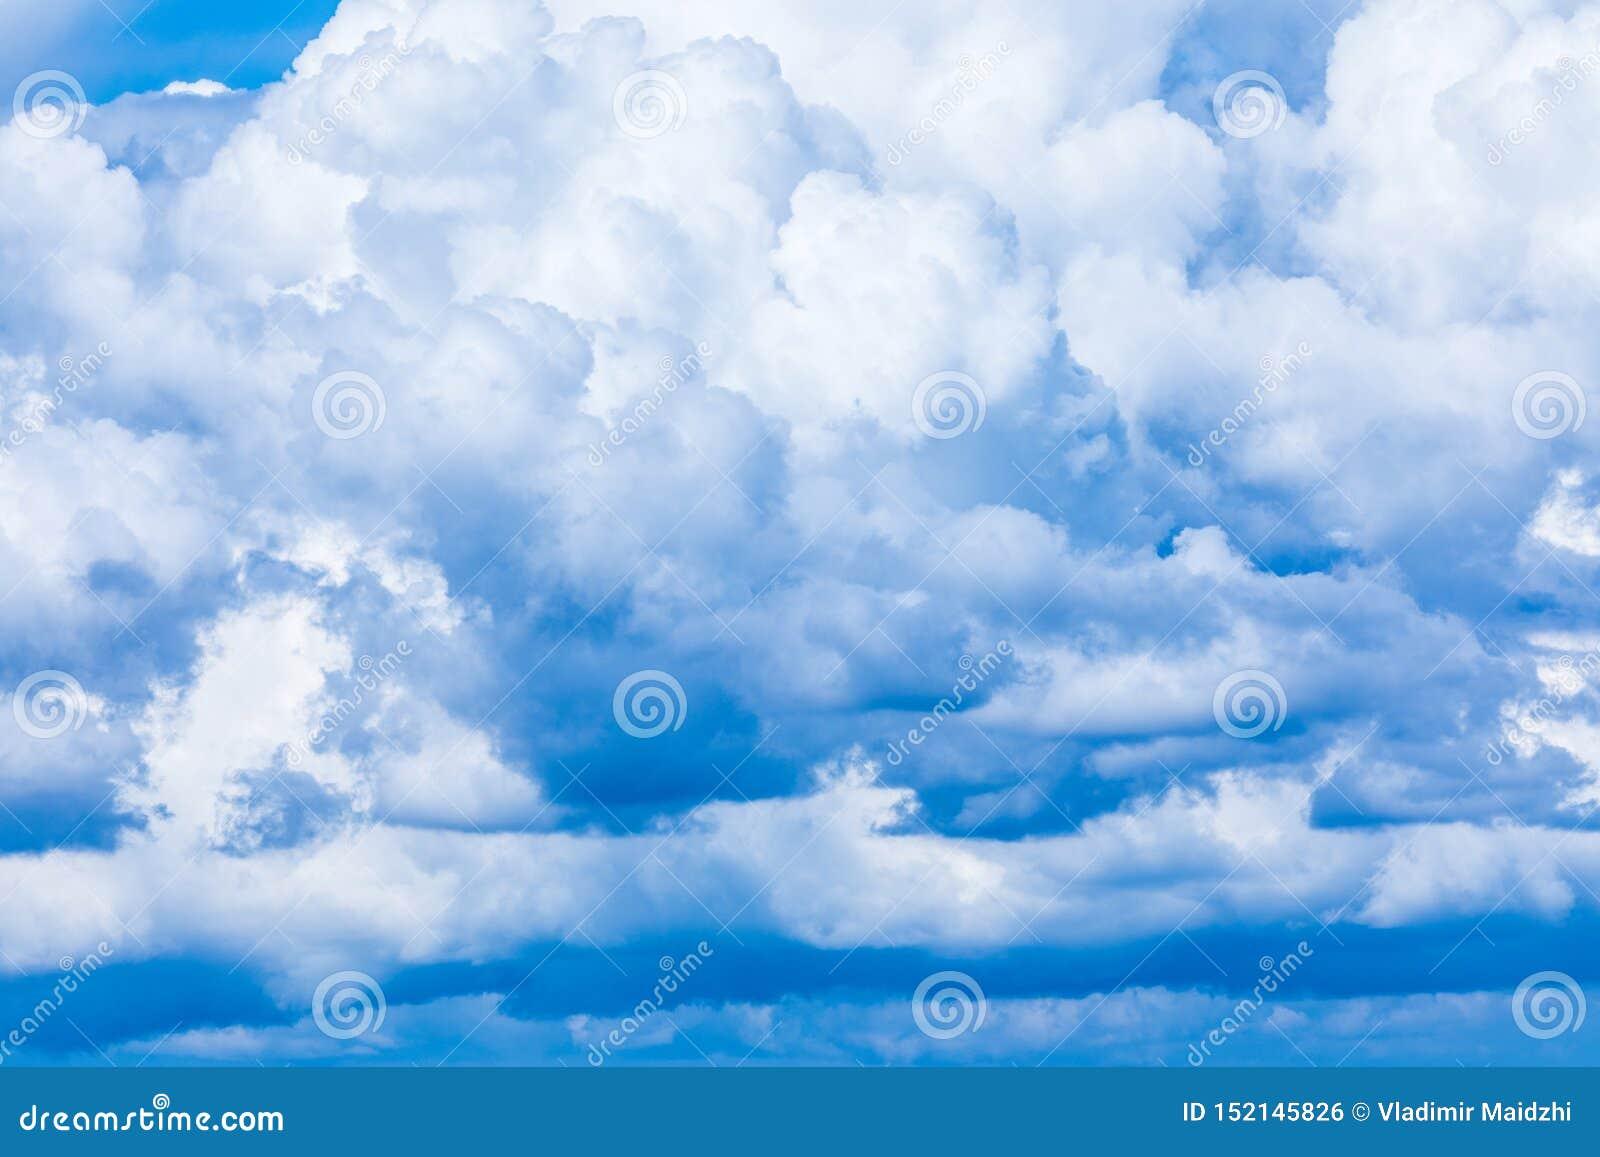 O fundo vívido do céu ou do céu com as nuvens brancas sob os raios do sol